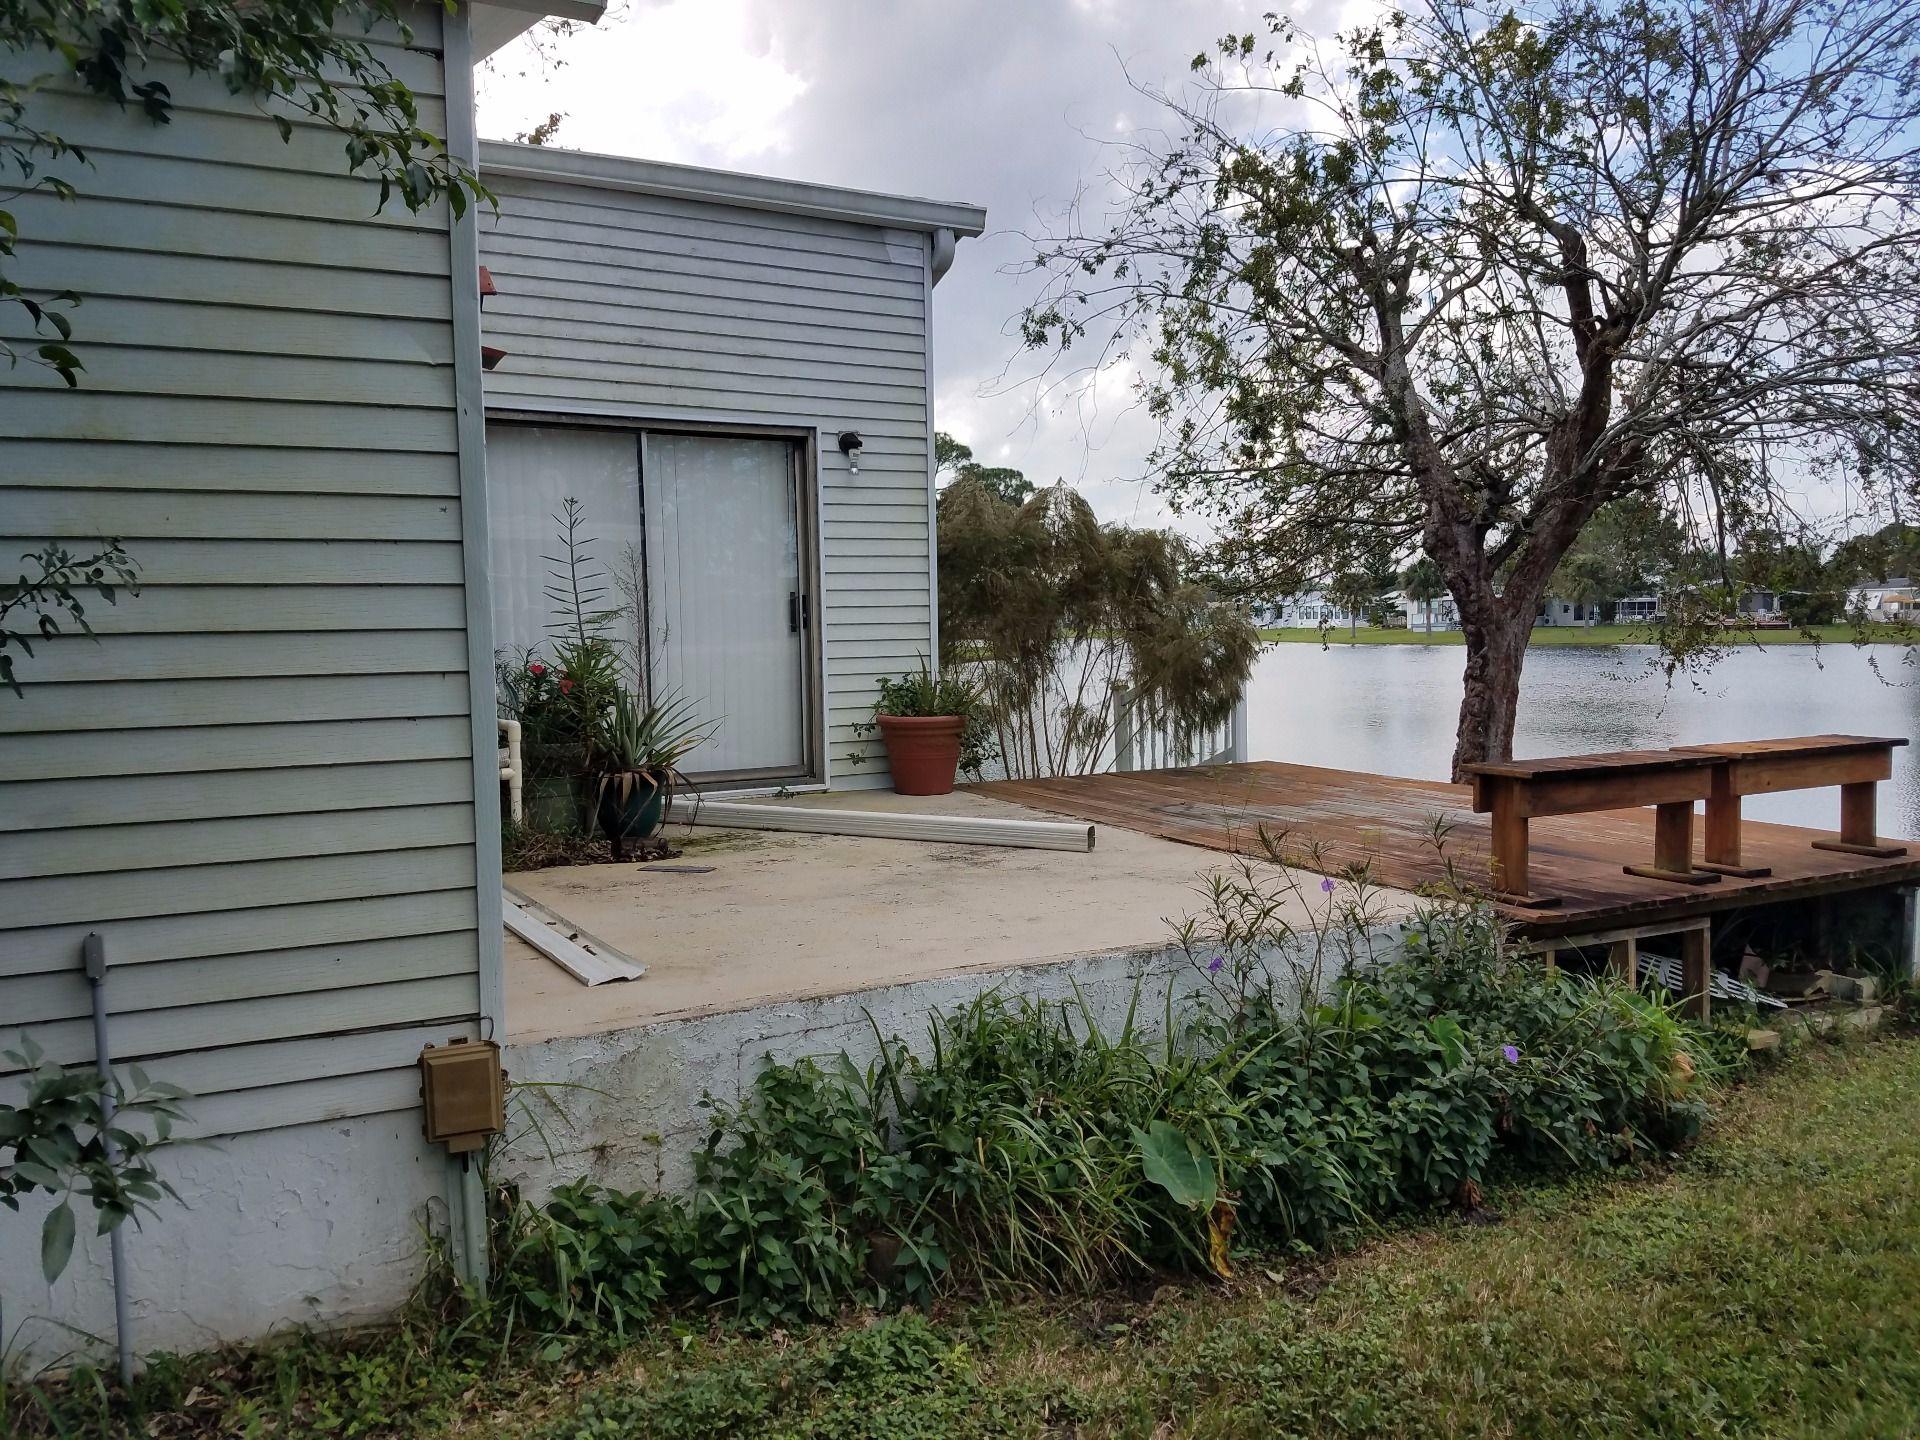 Sunv Mobile Home For Sale In Vero Beach Fl 32966 Watercolor